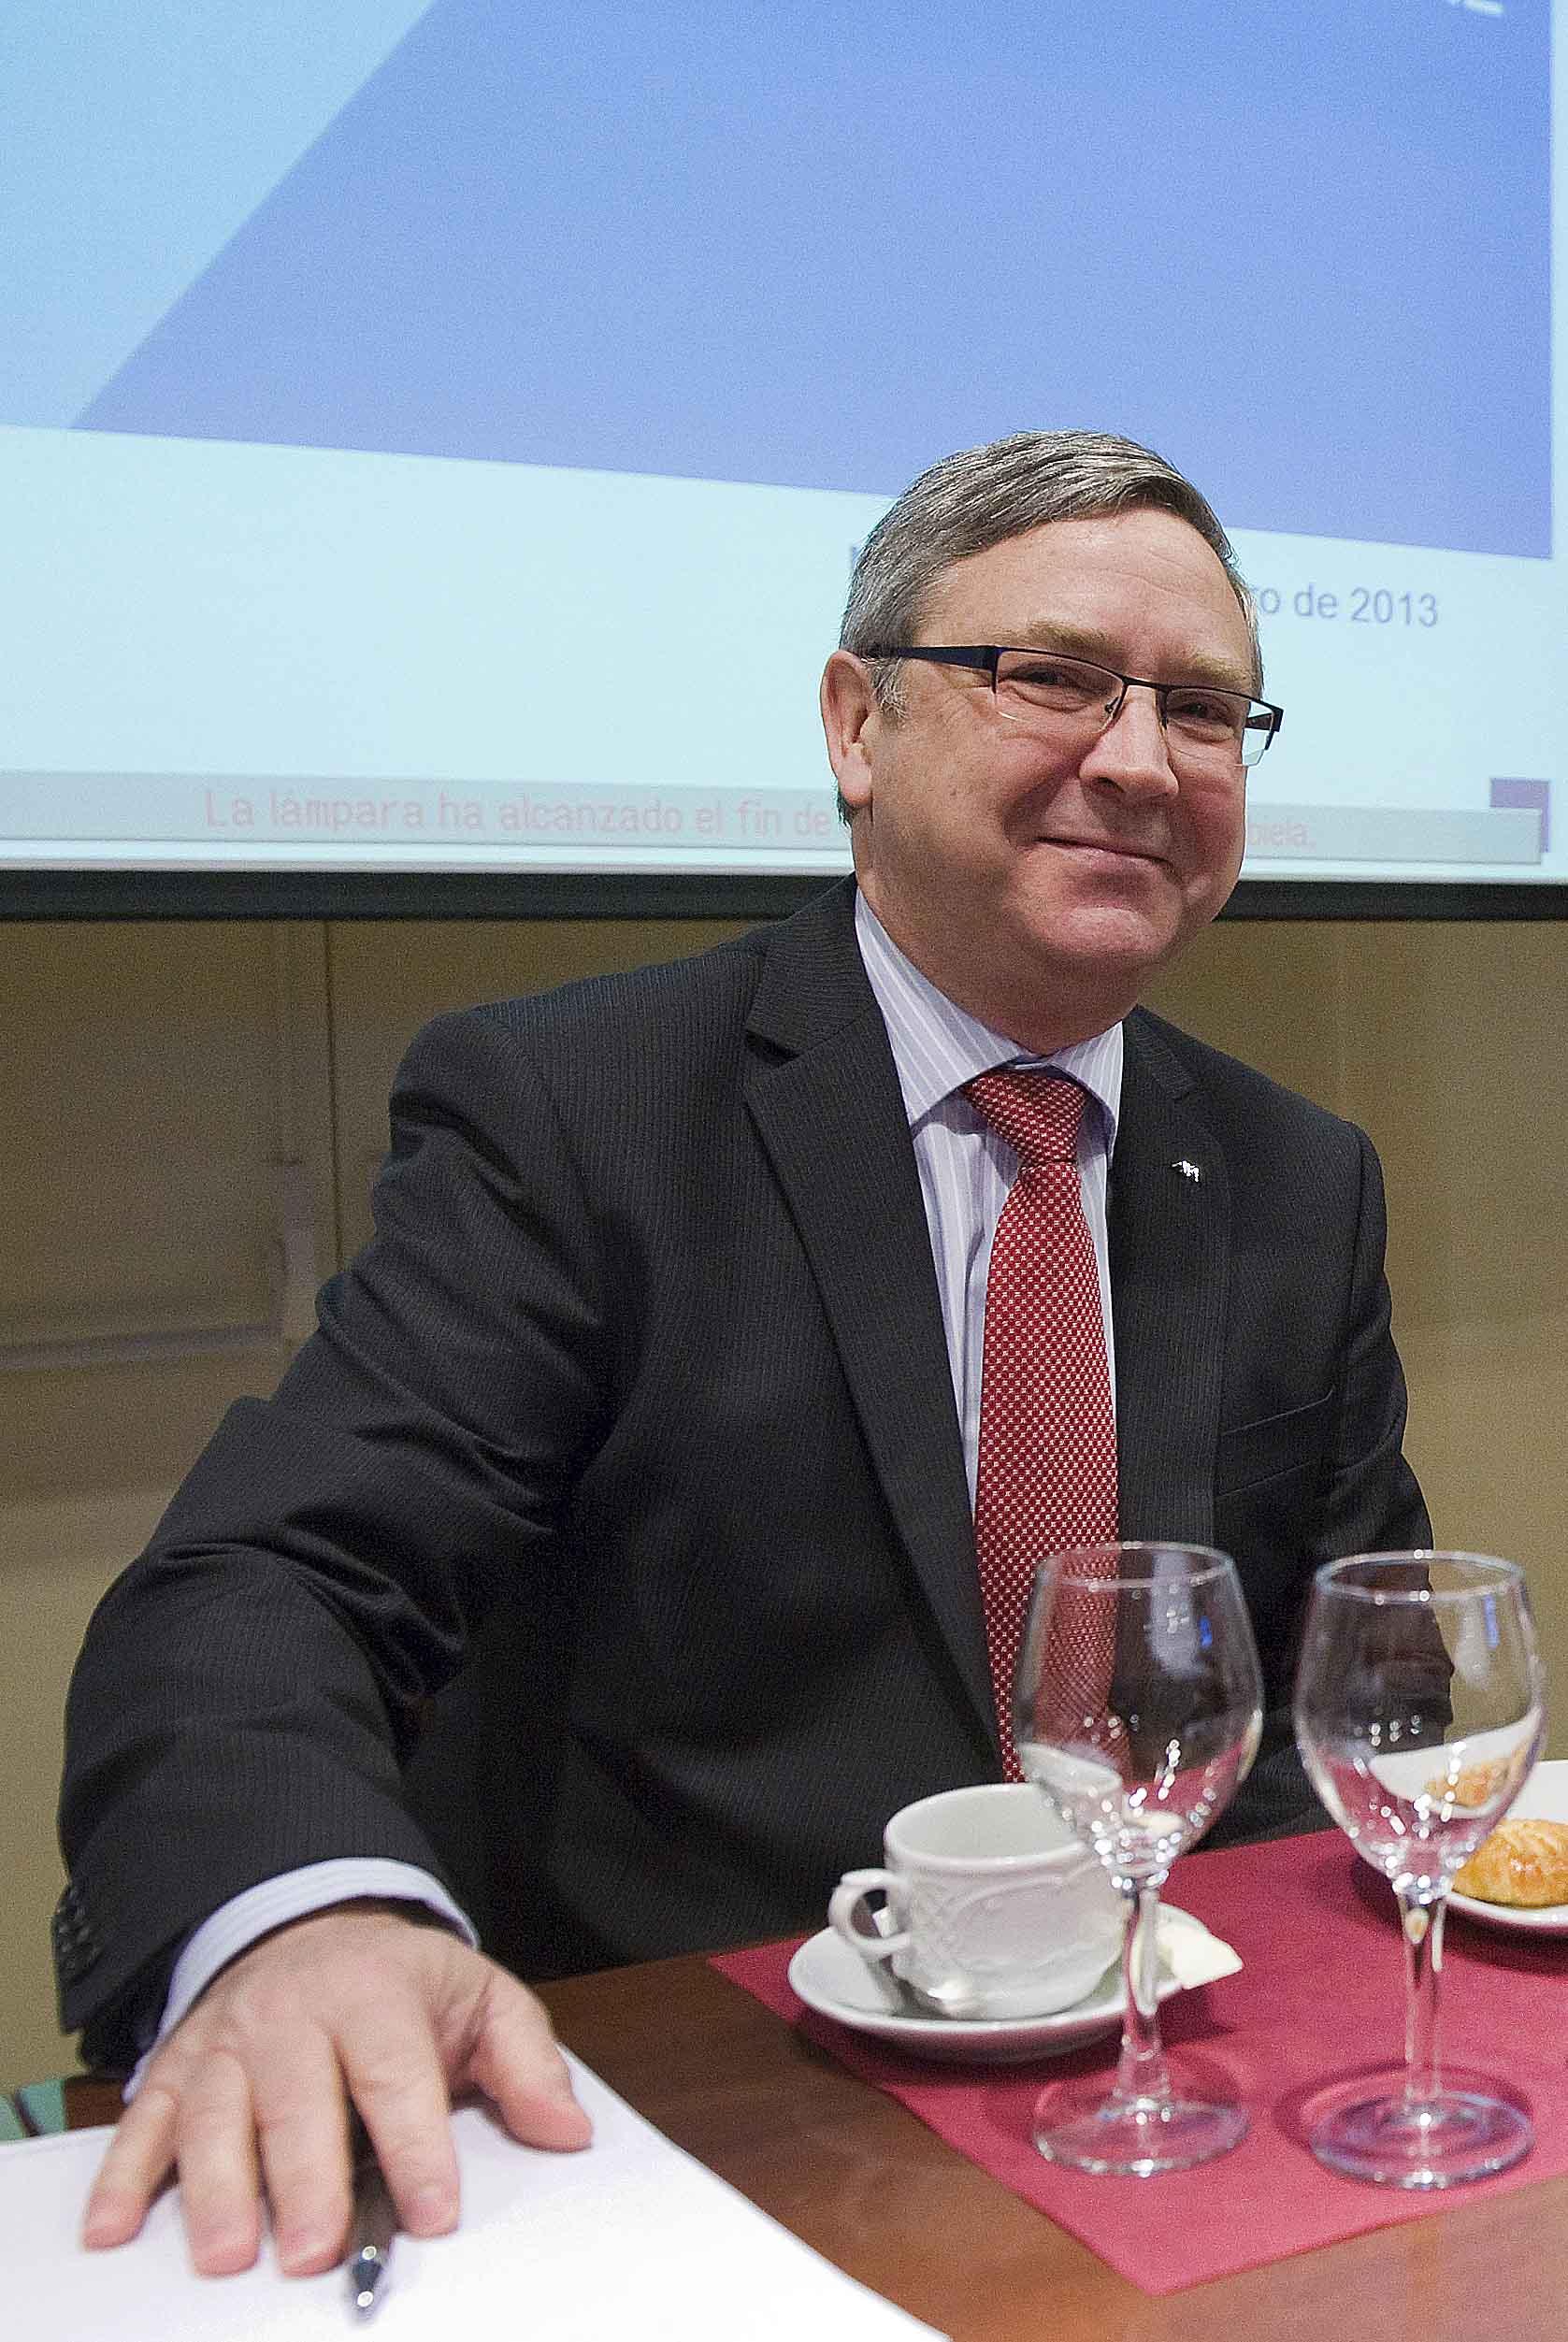 Jean-Paul Rignault, Consejero Delegado de AXA España, durante el desayuno de prensa organizado por APIE.